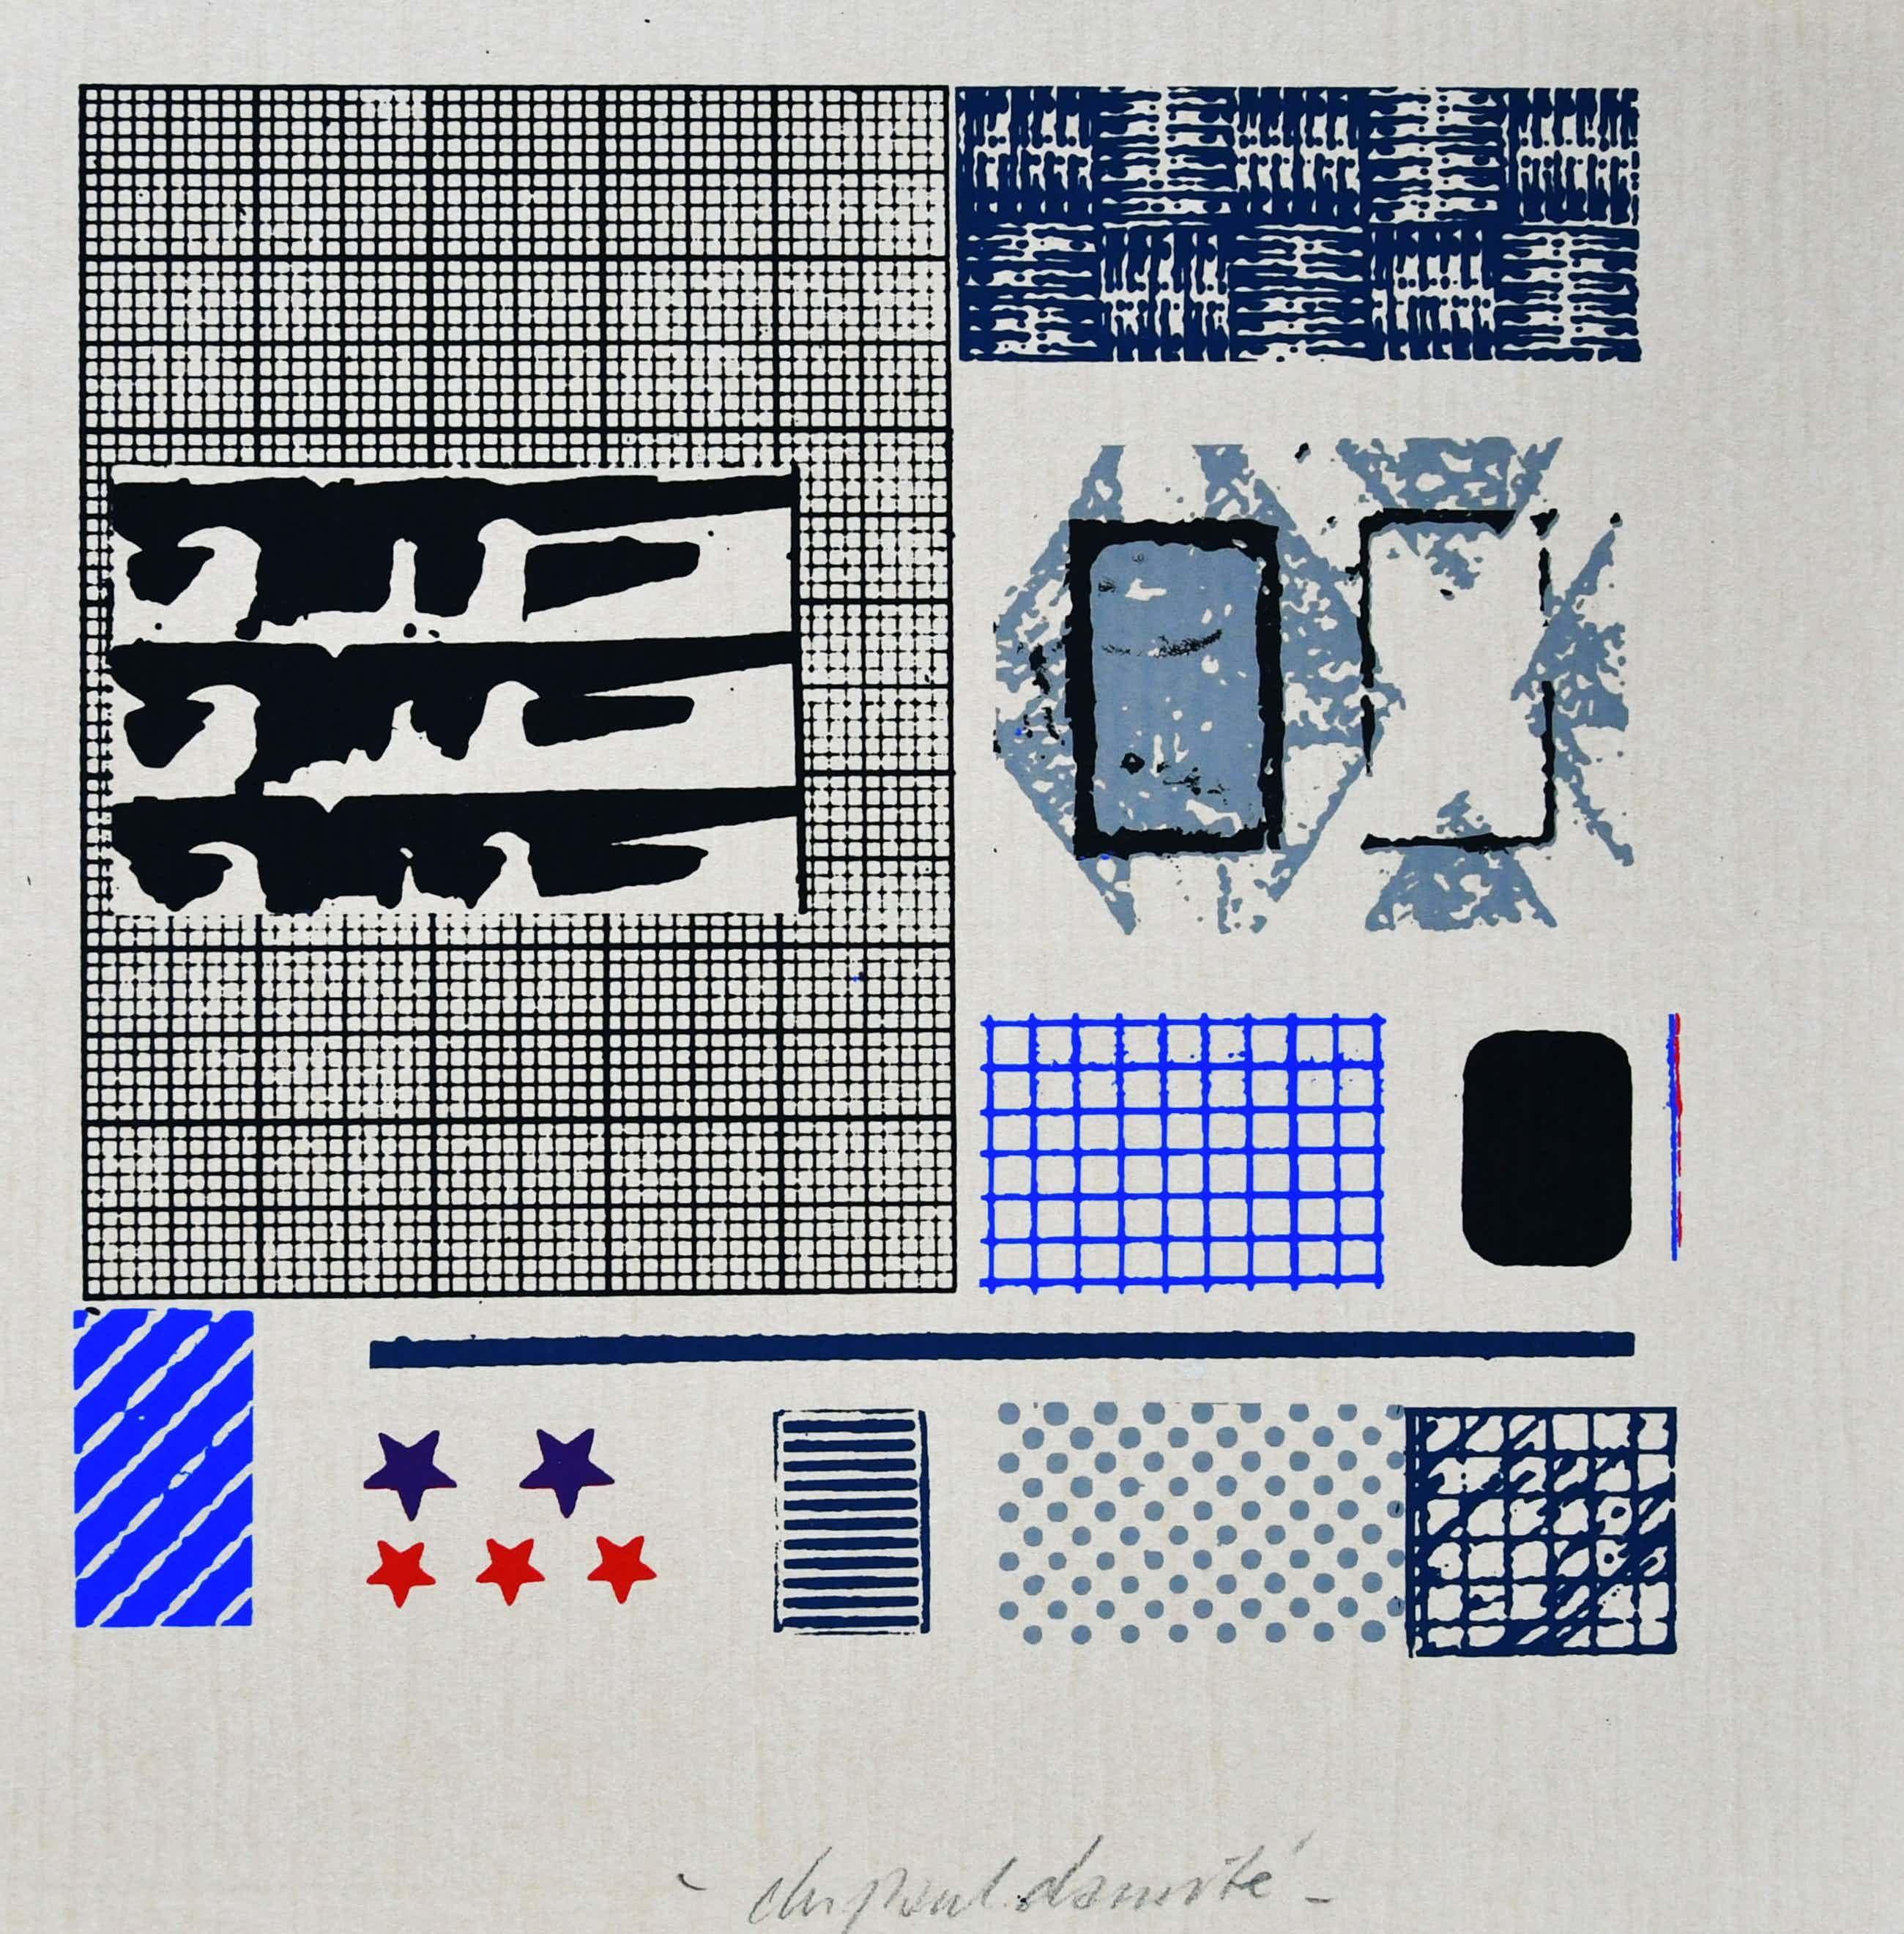 Christiaan Paul Damste - # ZEEFDRUK, Zonder titel # ca. 1983, gesigneerd, mint kopen? Bied vanaf 35!